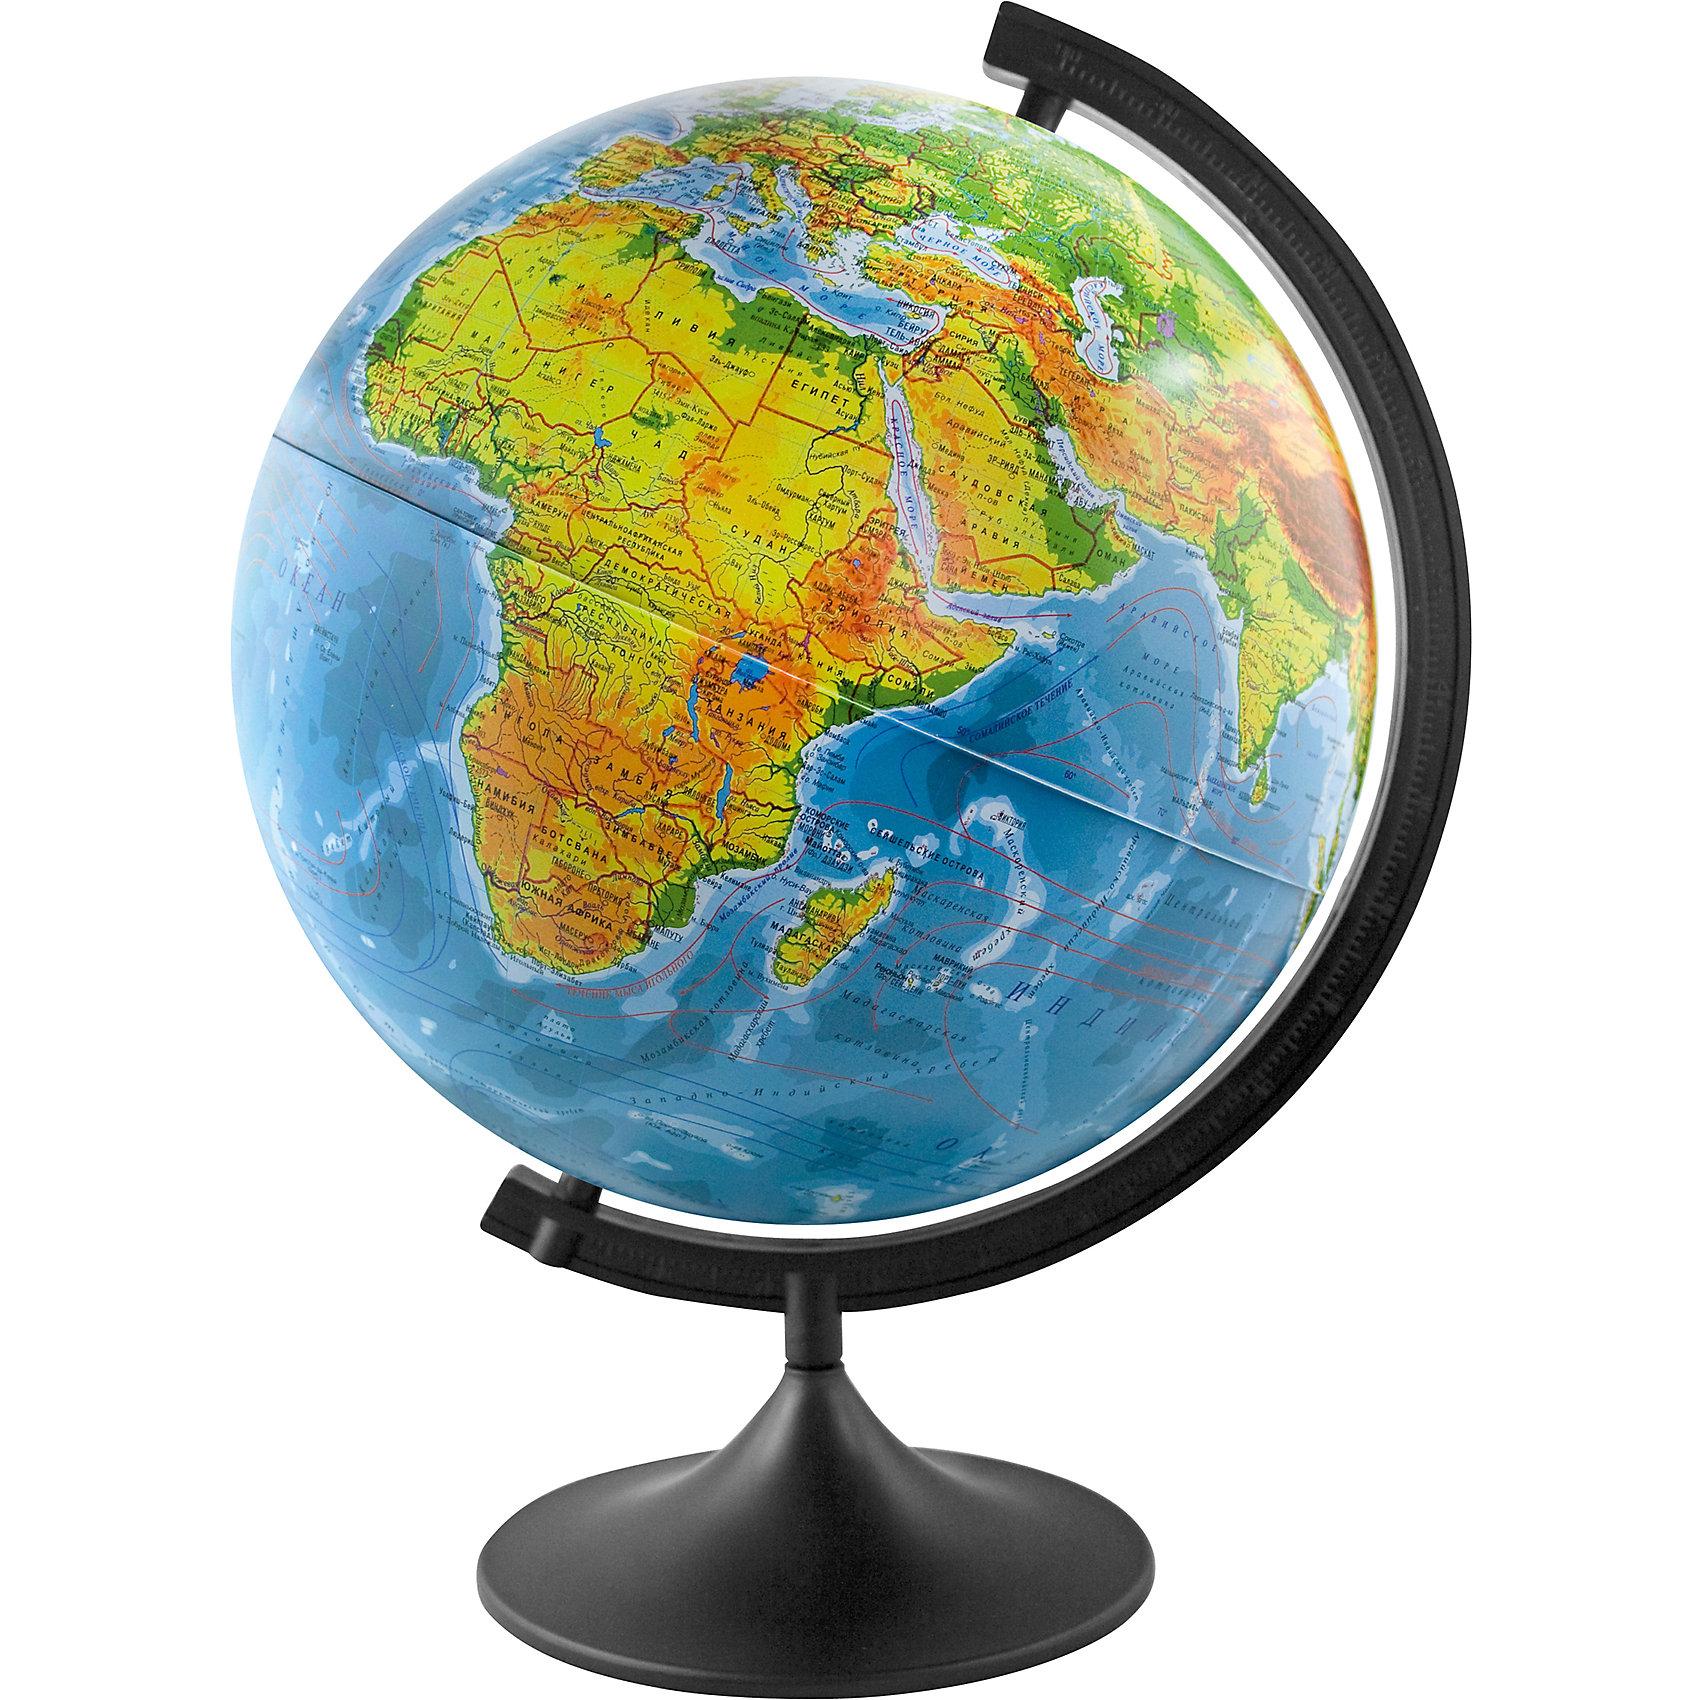 Глобус Земли физический, диаметр 320 ммГлобус Земли д-р 320 физический<br><br>Ширина мм: 350<br>Глубина мм: 320<br>Высота мм: 320<br>Вес г: 900<br>Возраст от месяцев: 72<br>Возраст до месяцев: 2147483647<br>Пол: Унисекс<br>Возраст: Детский<br>SKU: 5504474